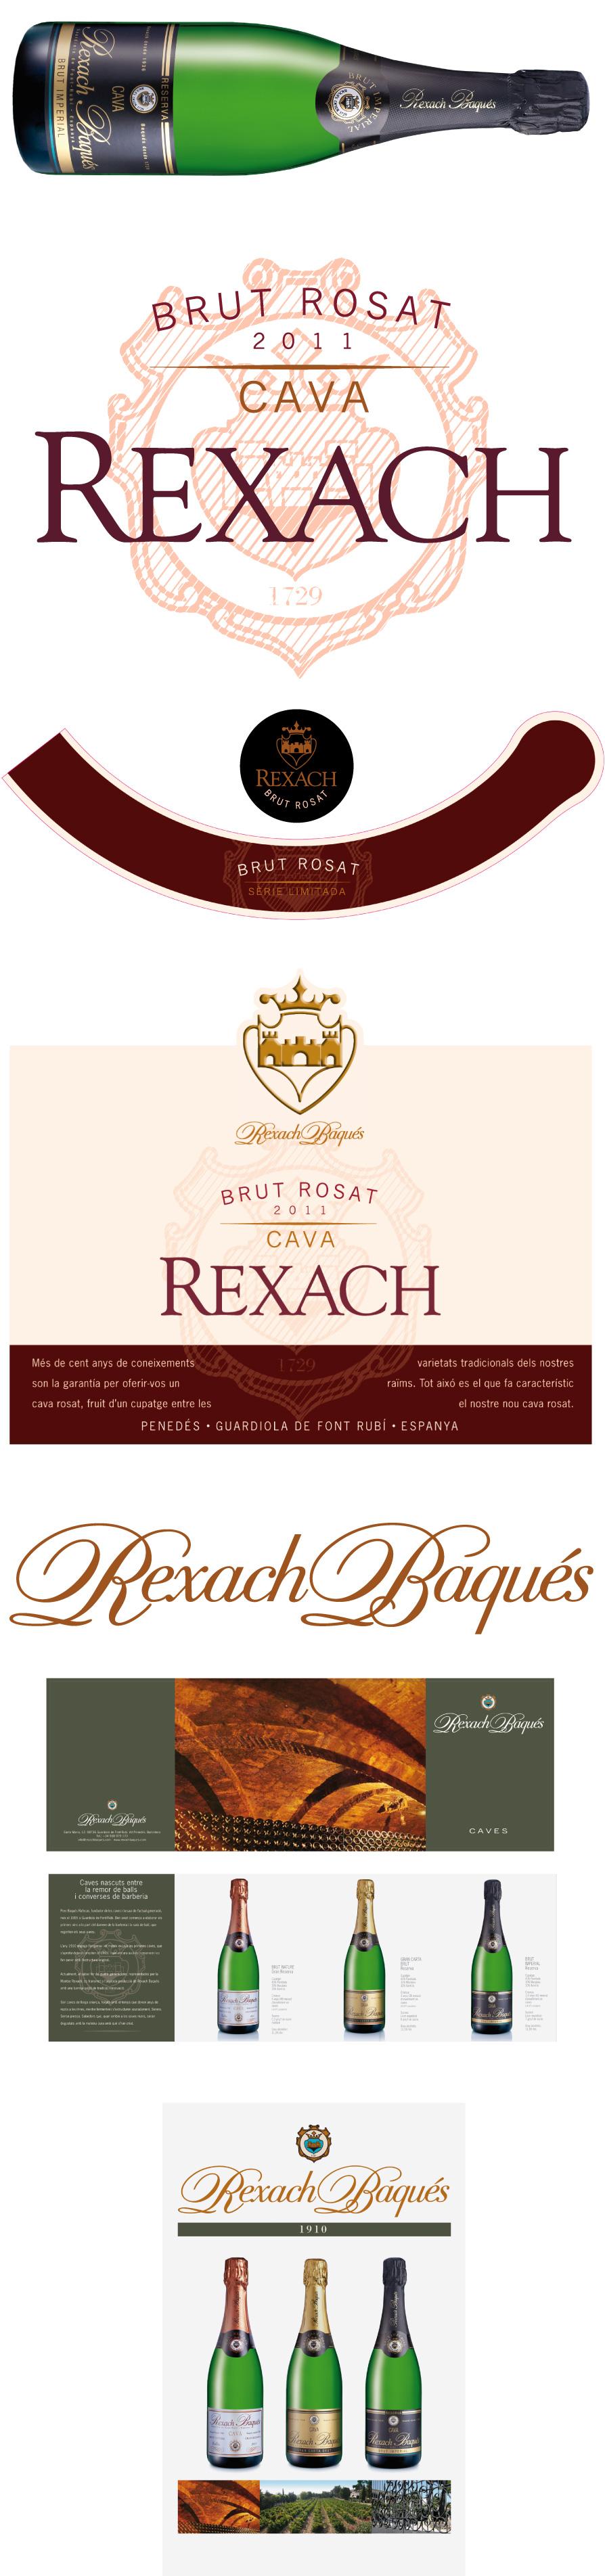 Logotipo y packaging de Caves Rexach